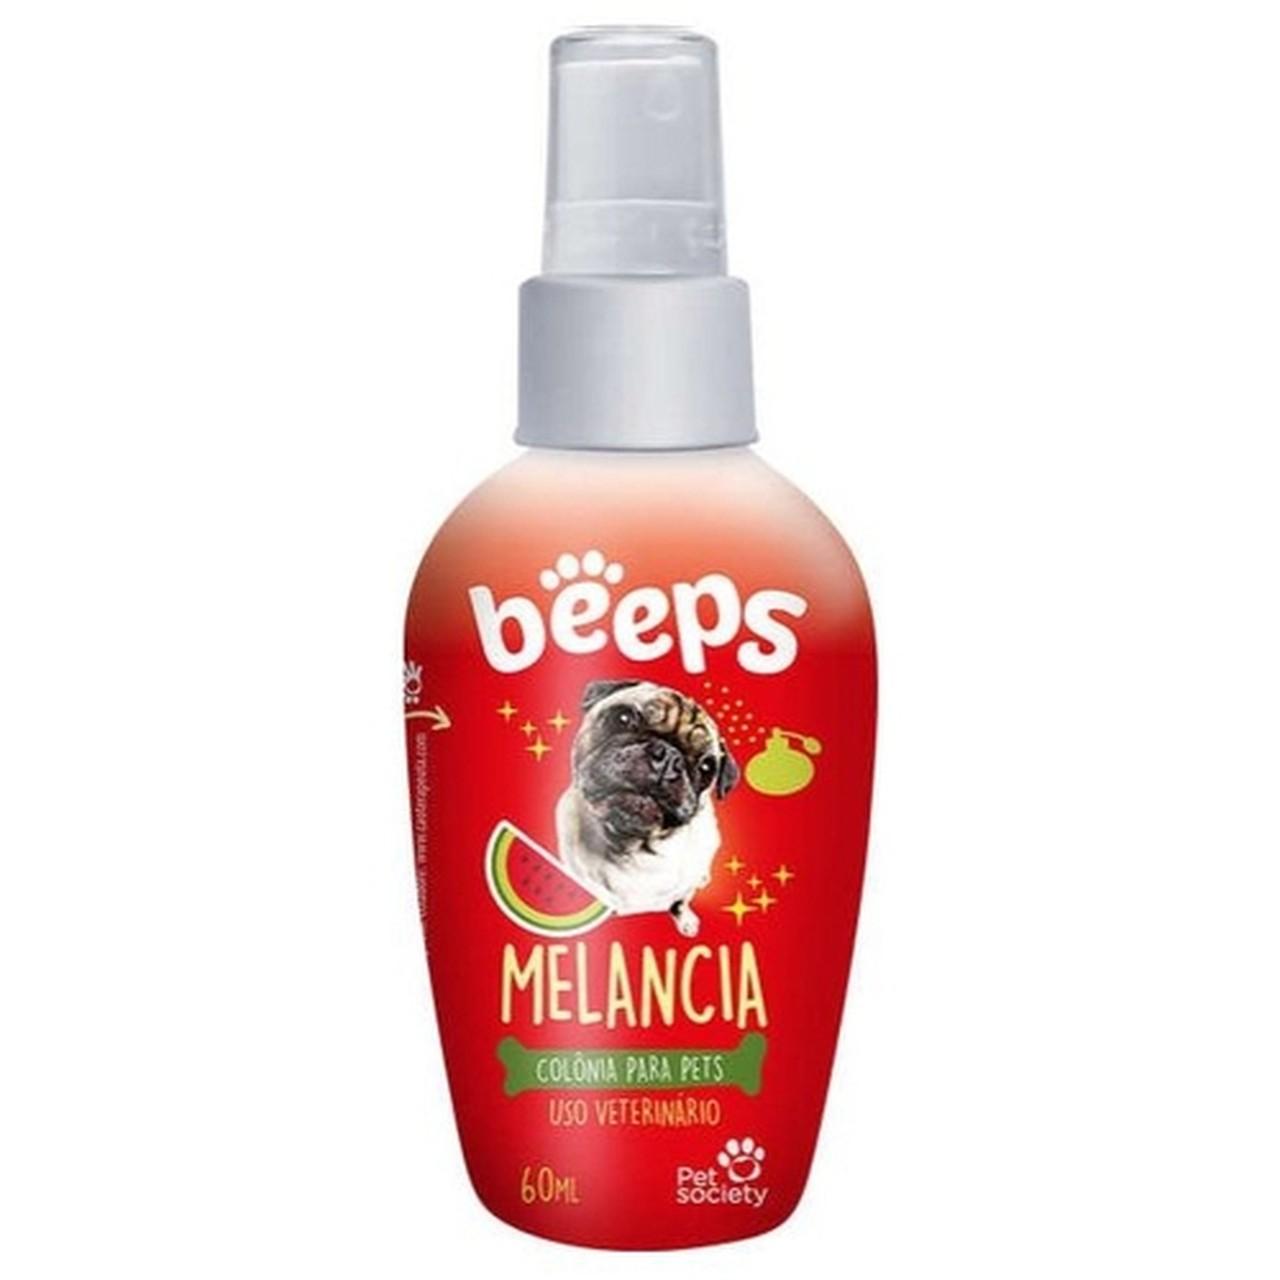 Perfume Beeps 60ml